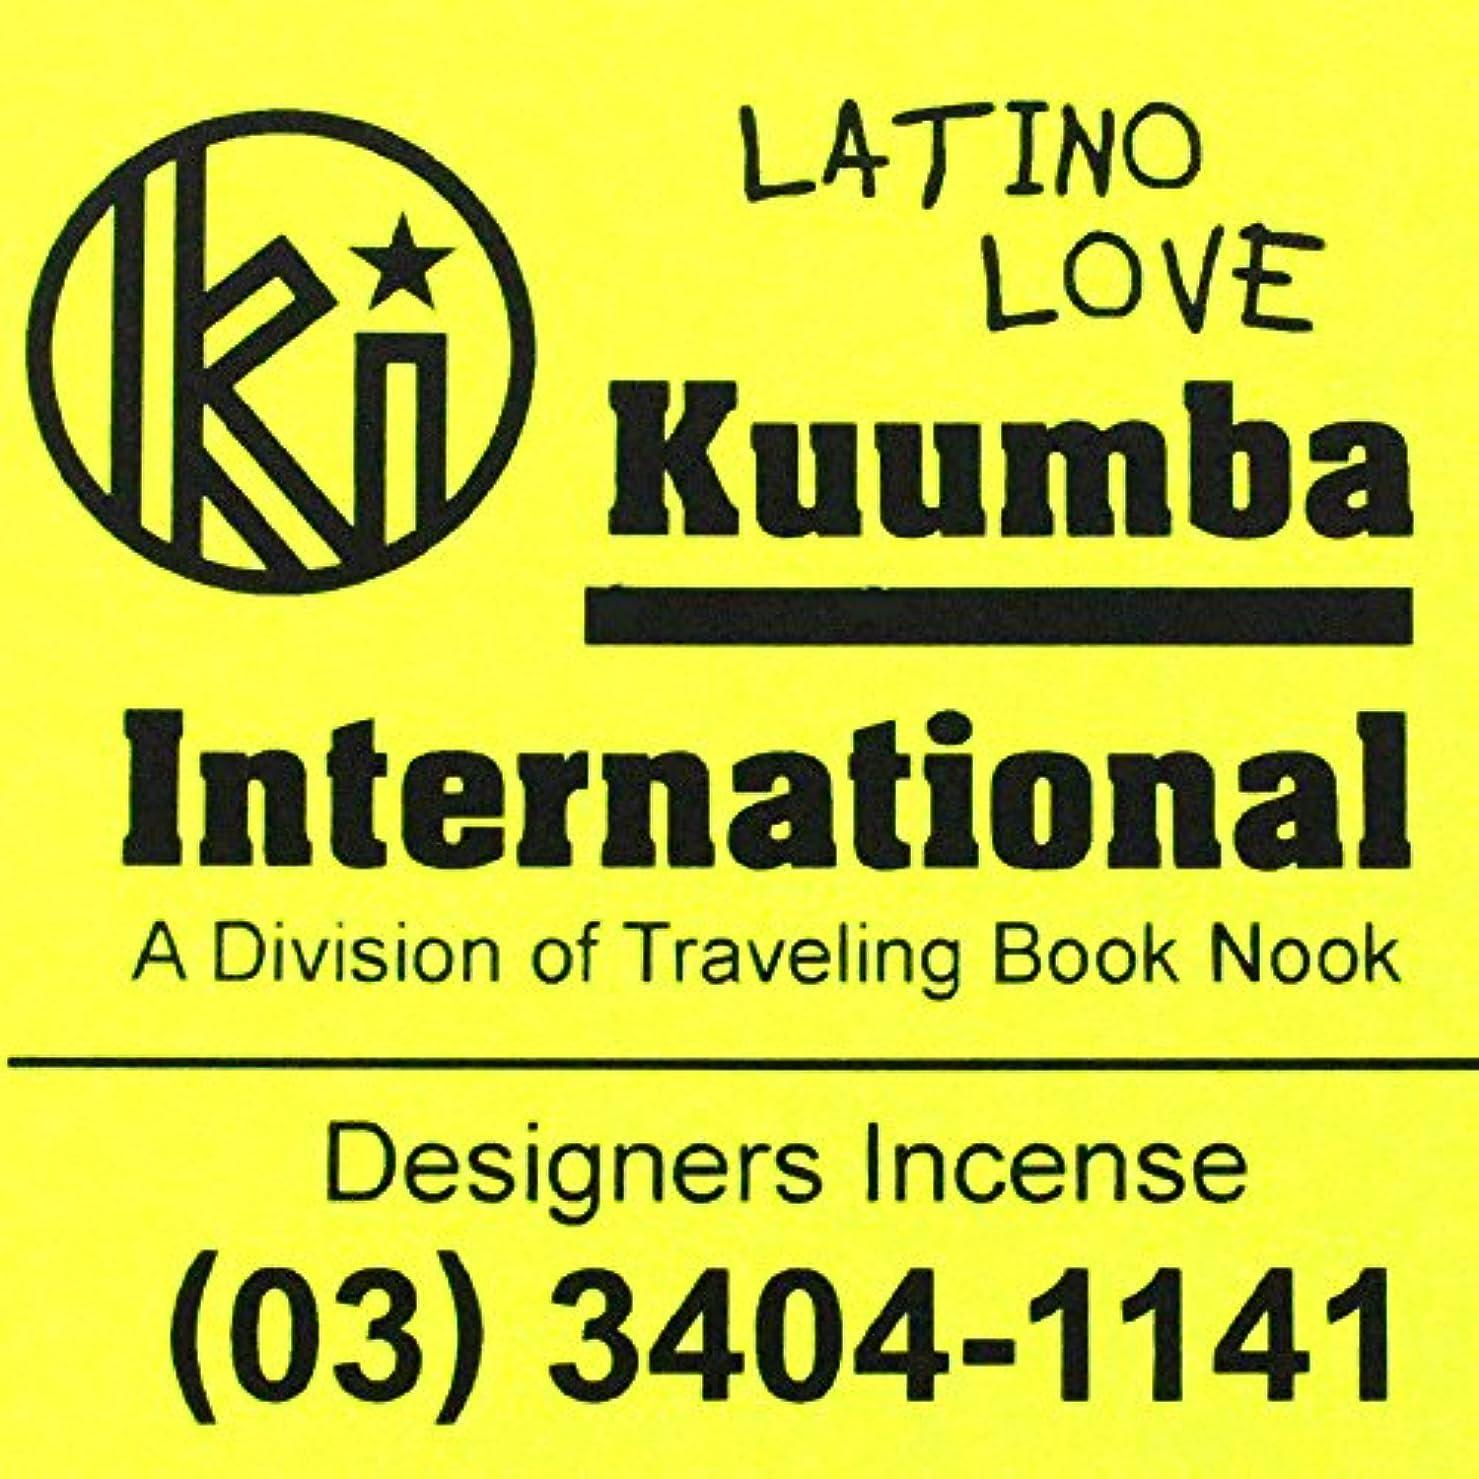 保持留め金後ろ、背後、背面(部(クンバ) KUUMBA『incense』(LATINO LOVE) (Regular size)